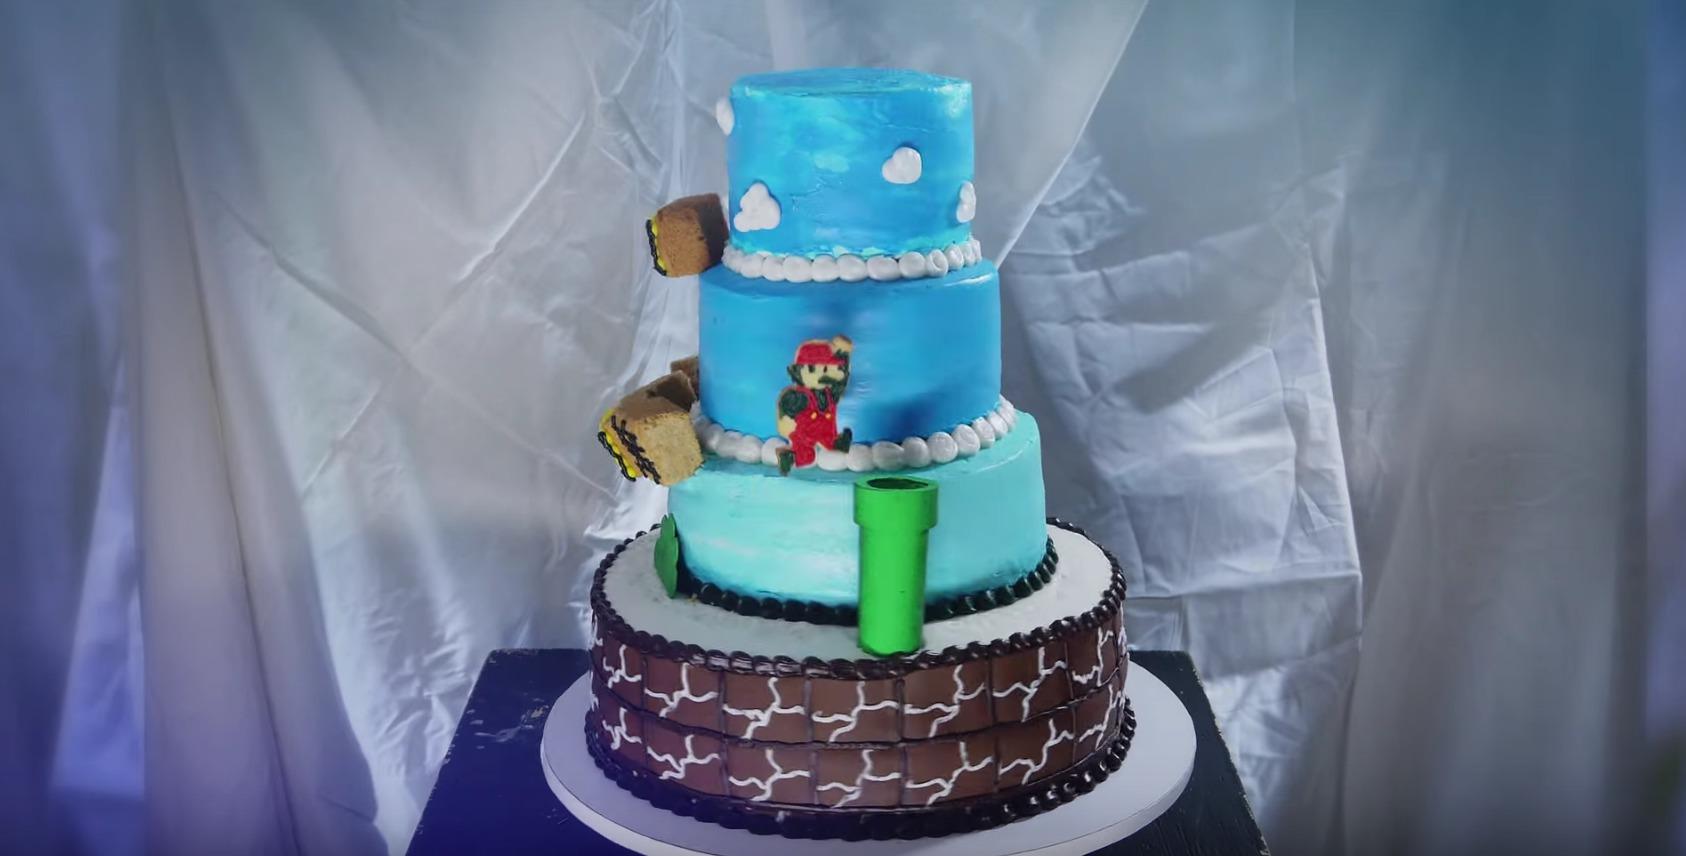 Picture of Super Mario Bros Animated Cake